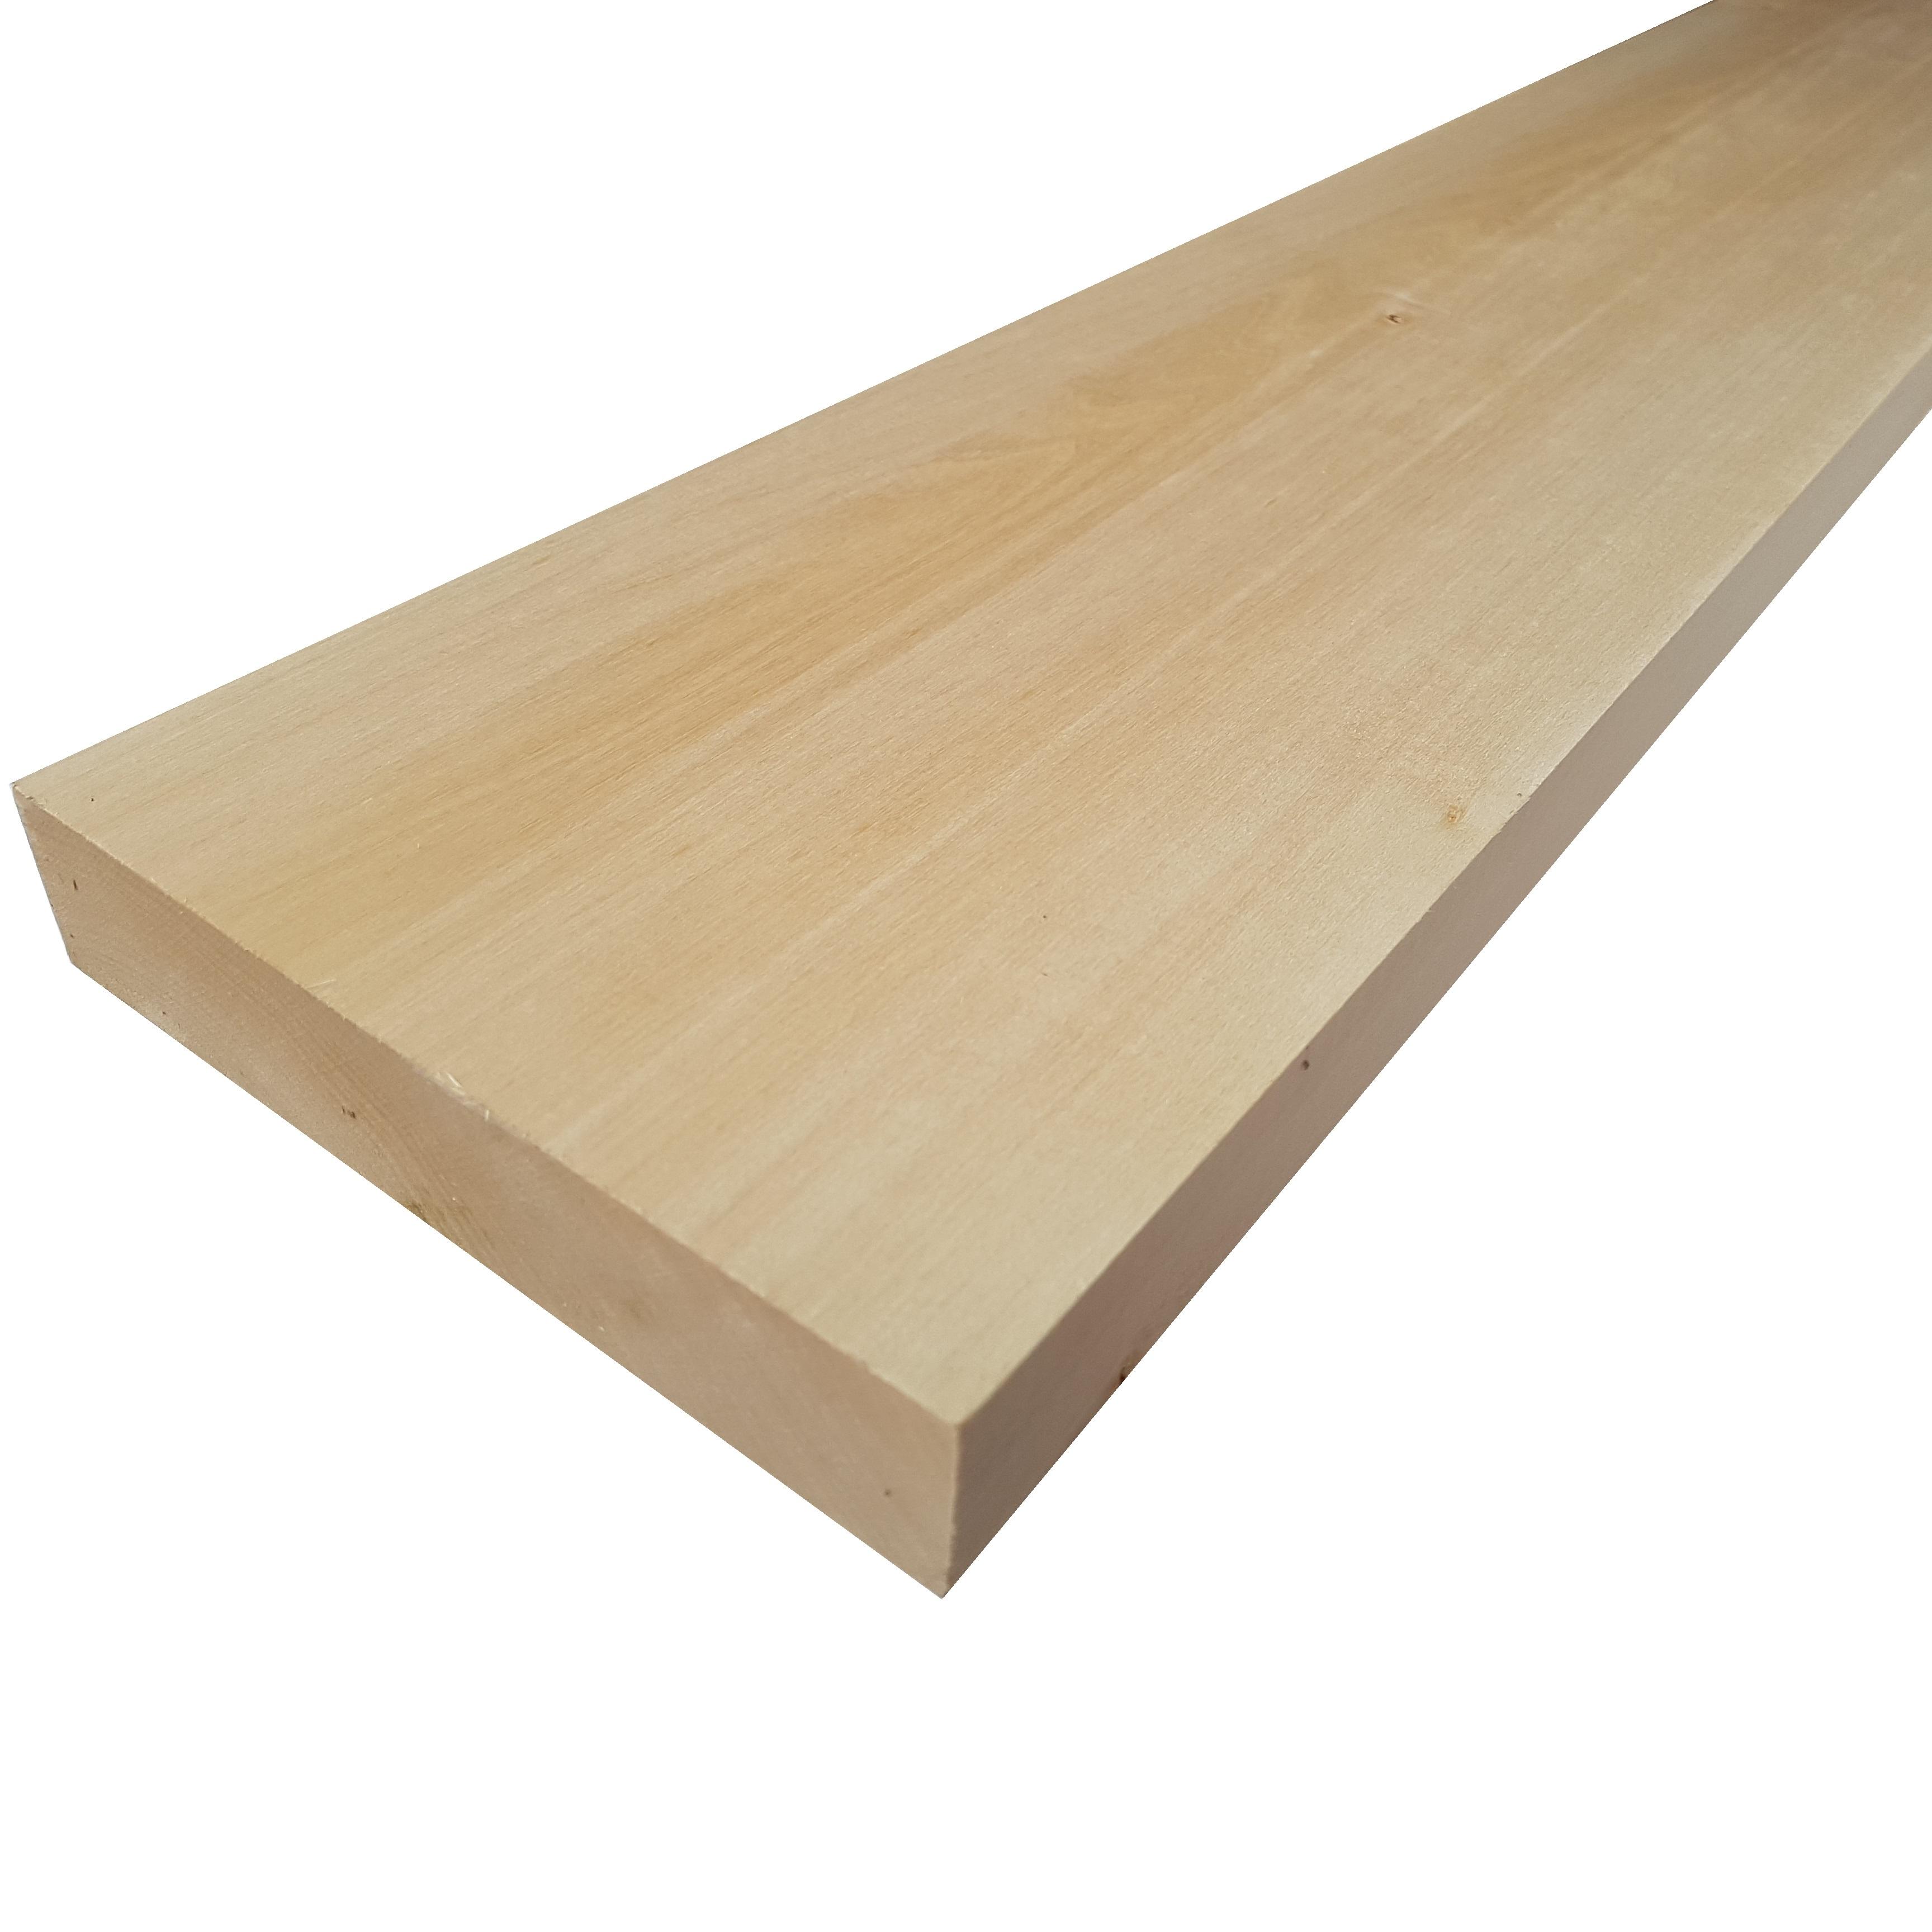 Tavole legno di TIGLIO : Tavola Legno Tiglio 2,7 x 10 x 130 cm